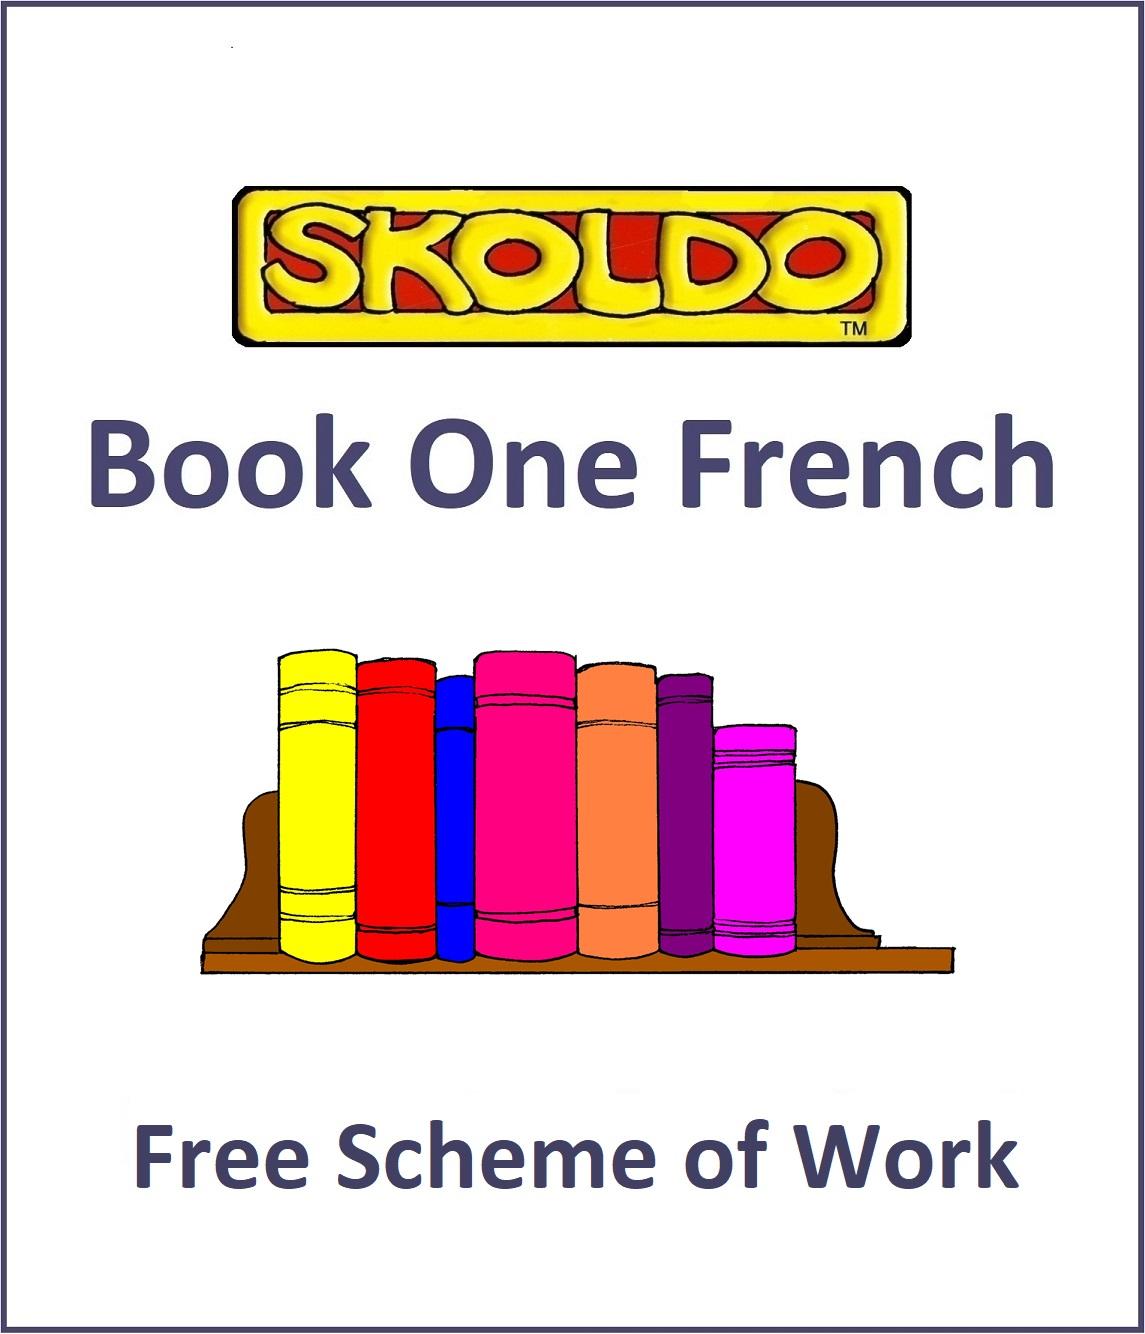 Skoldo Book One Scheme of Work